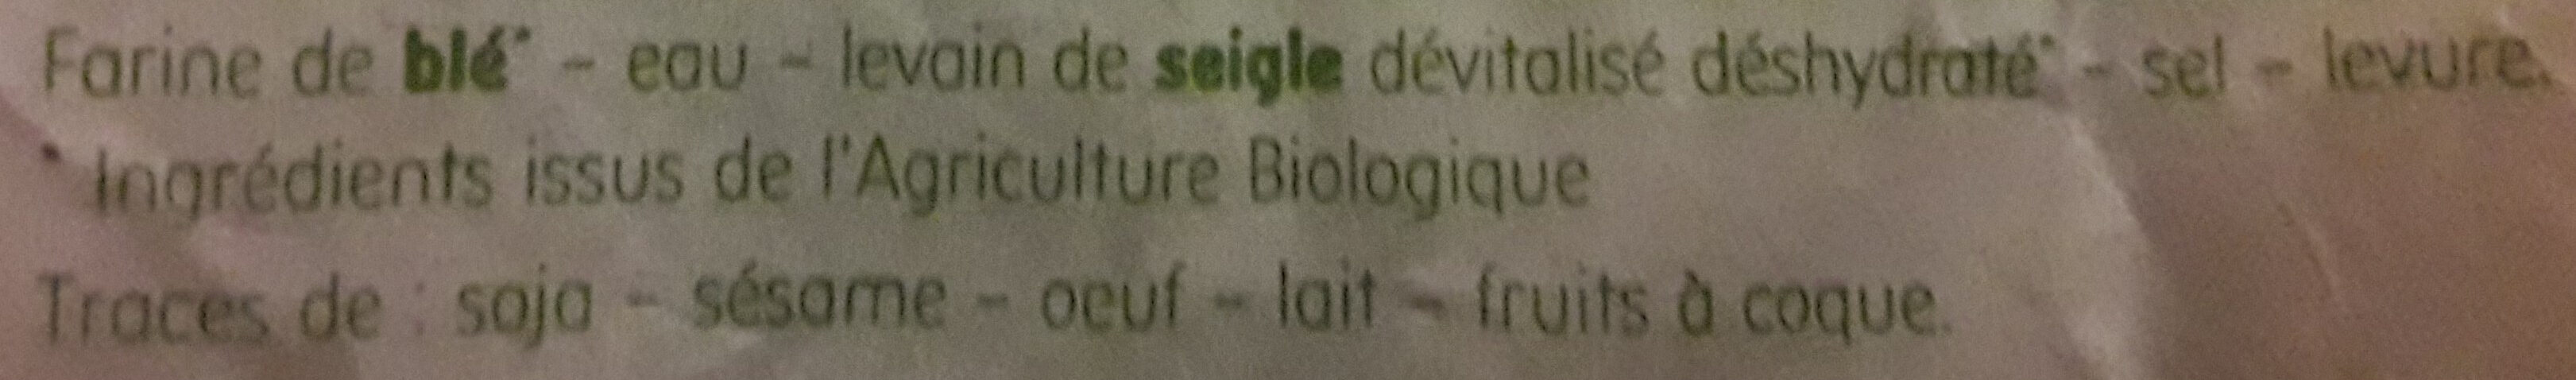 Baguette bio - Ingredienti - fr